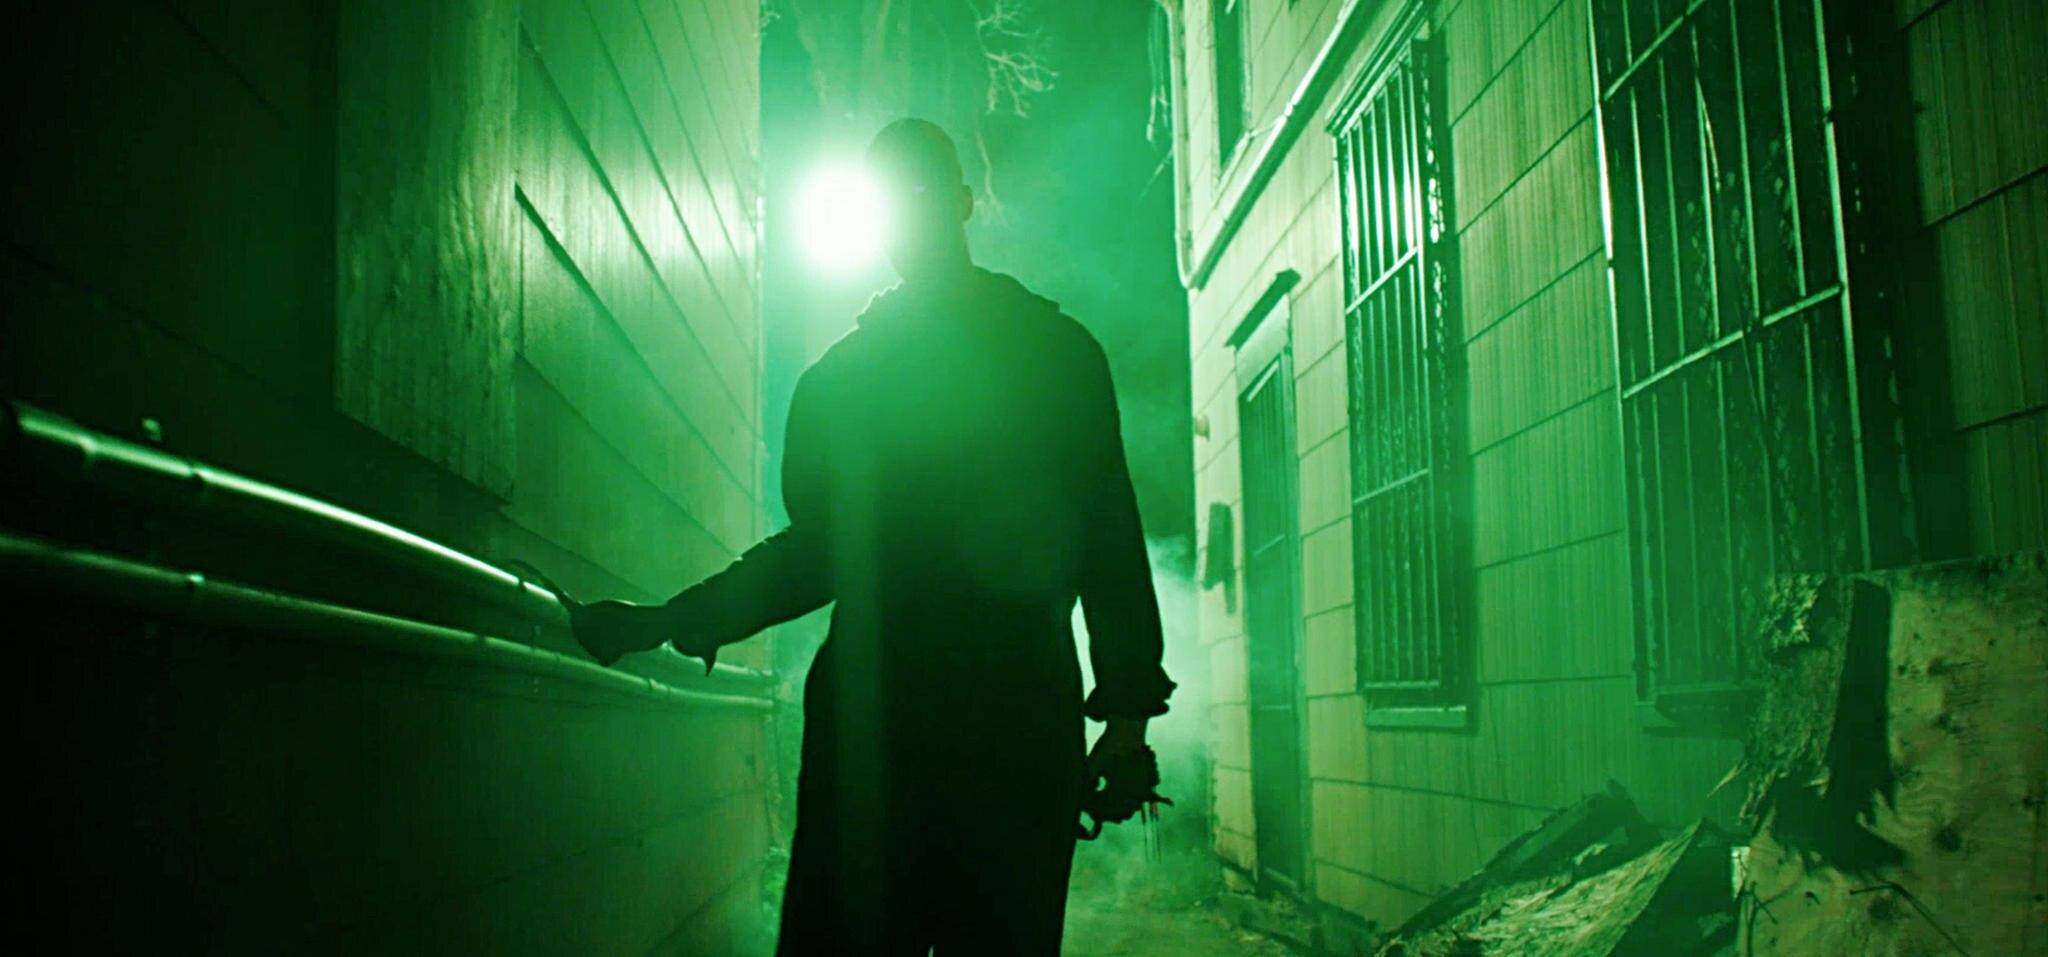 """Während """"The Purge"""" (""""Der Säuberung"""") gelten für 12 Stunden keine Regeln und Gesetze, alles ist erlaubt – auch Mord. Amazon bringt die Serie, die auf der bekannten Film-Reihe beruht, ab September zu Prime Video."""